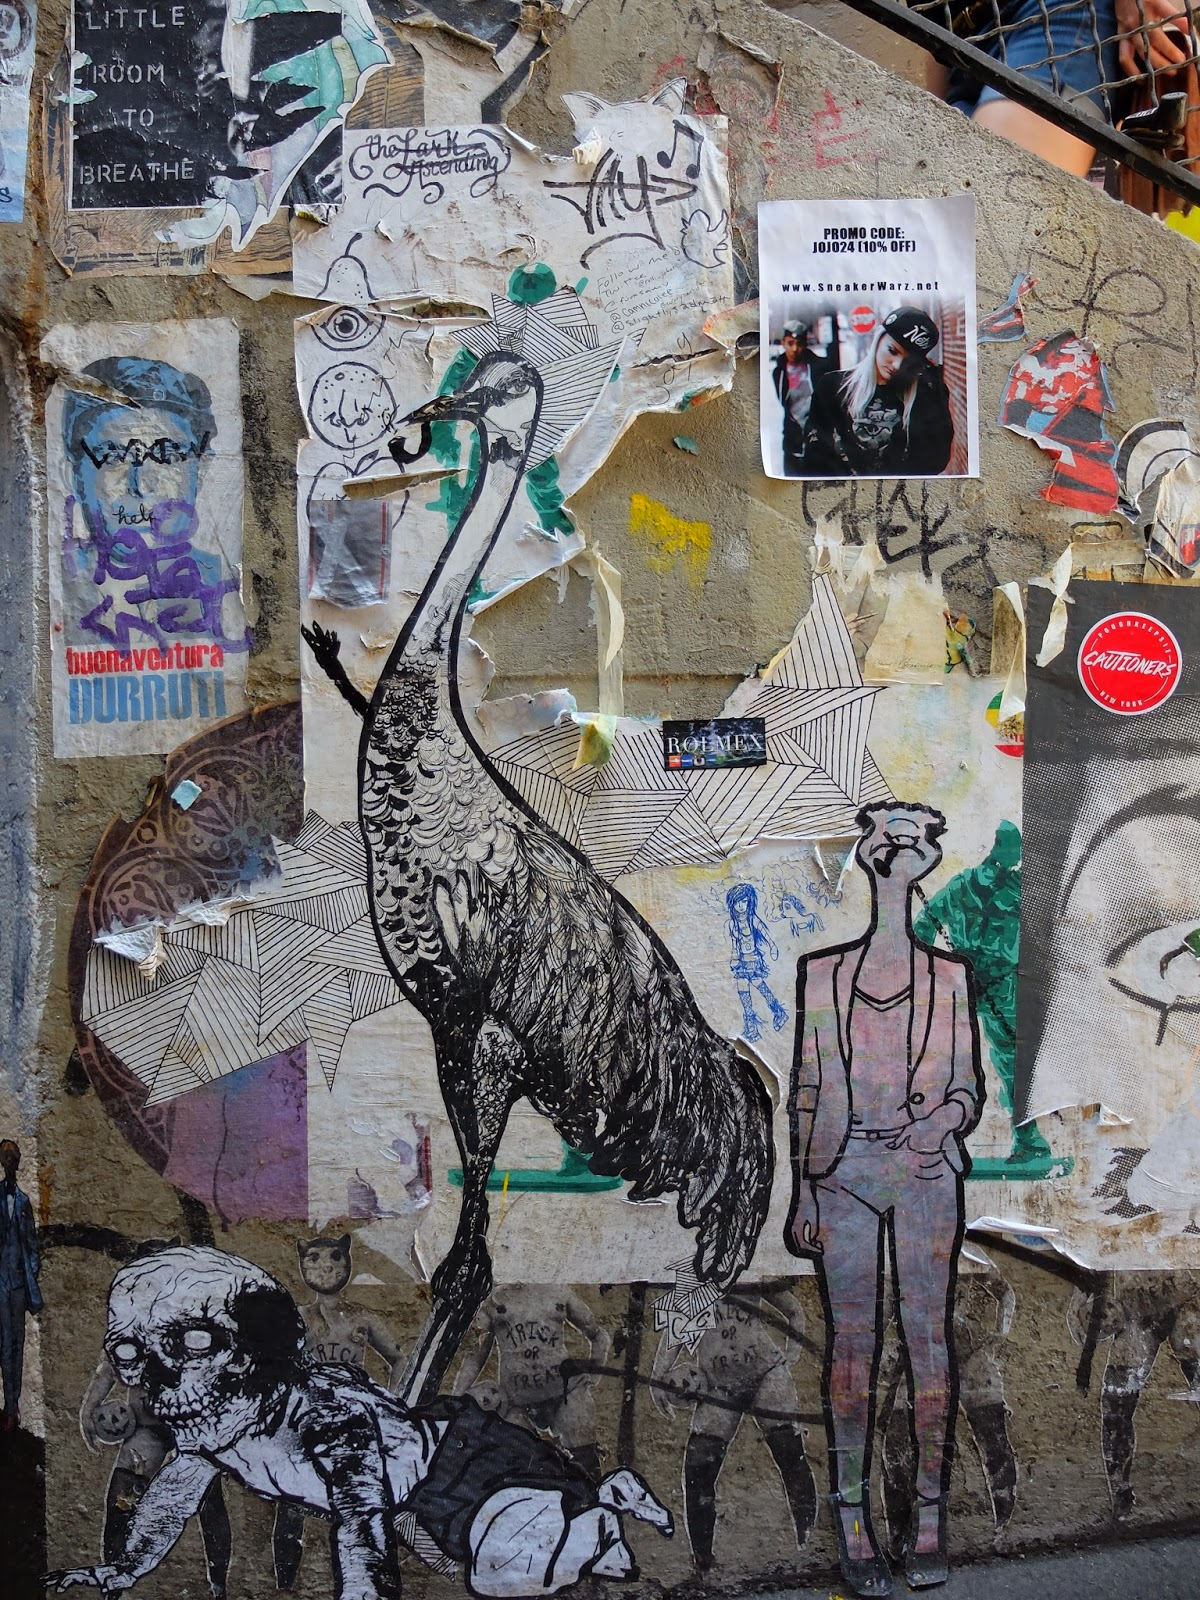 Post Graffiti Travelmarx Post Alley  Pike Place Hillclimb  Paste Ups And Graffiti